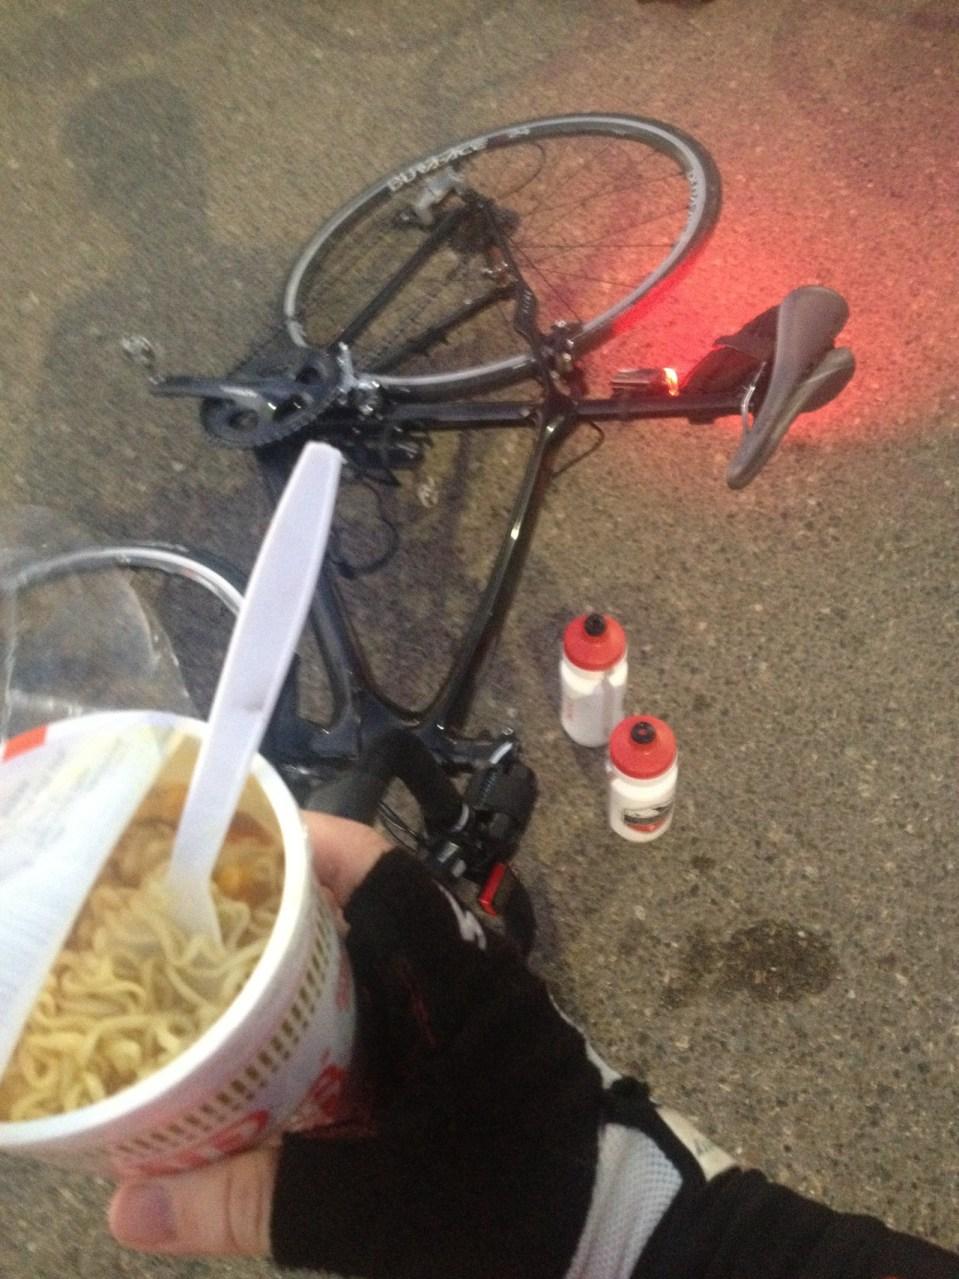 Noodle power!